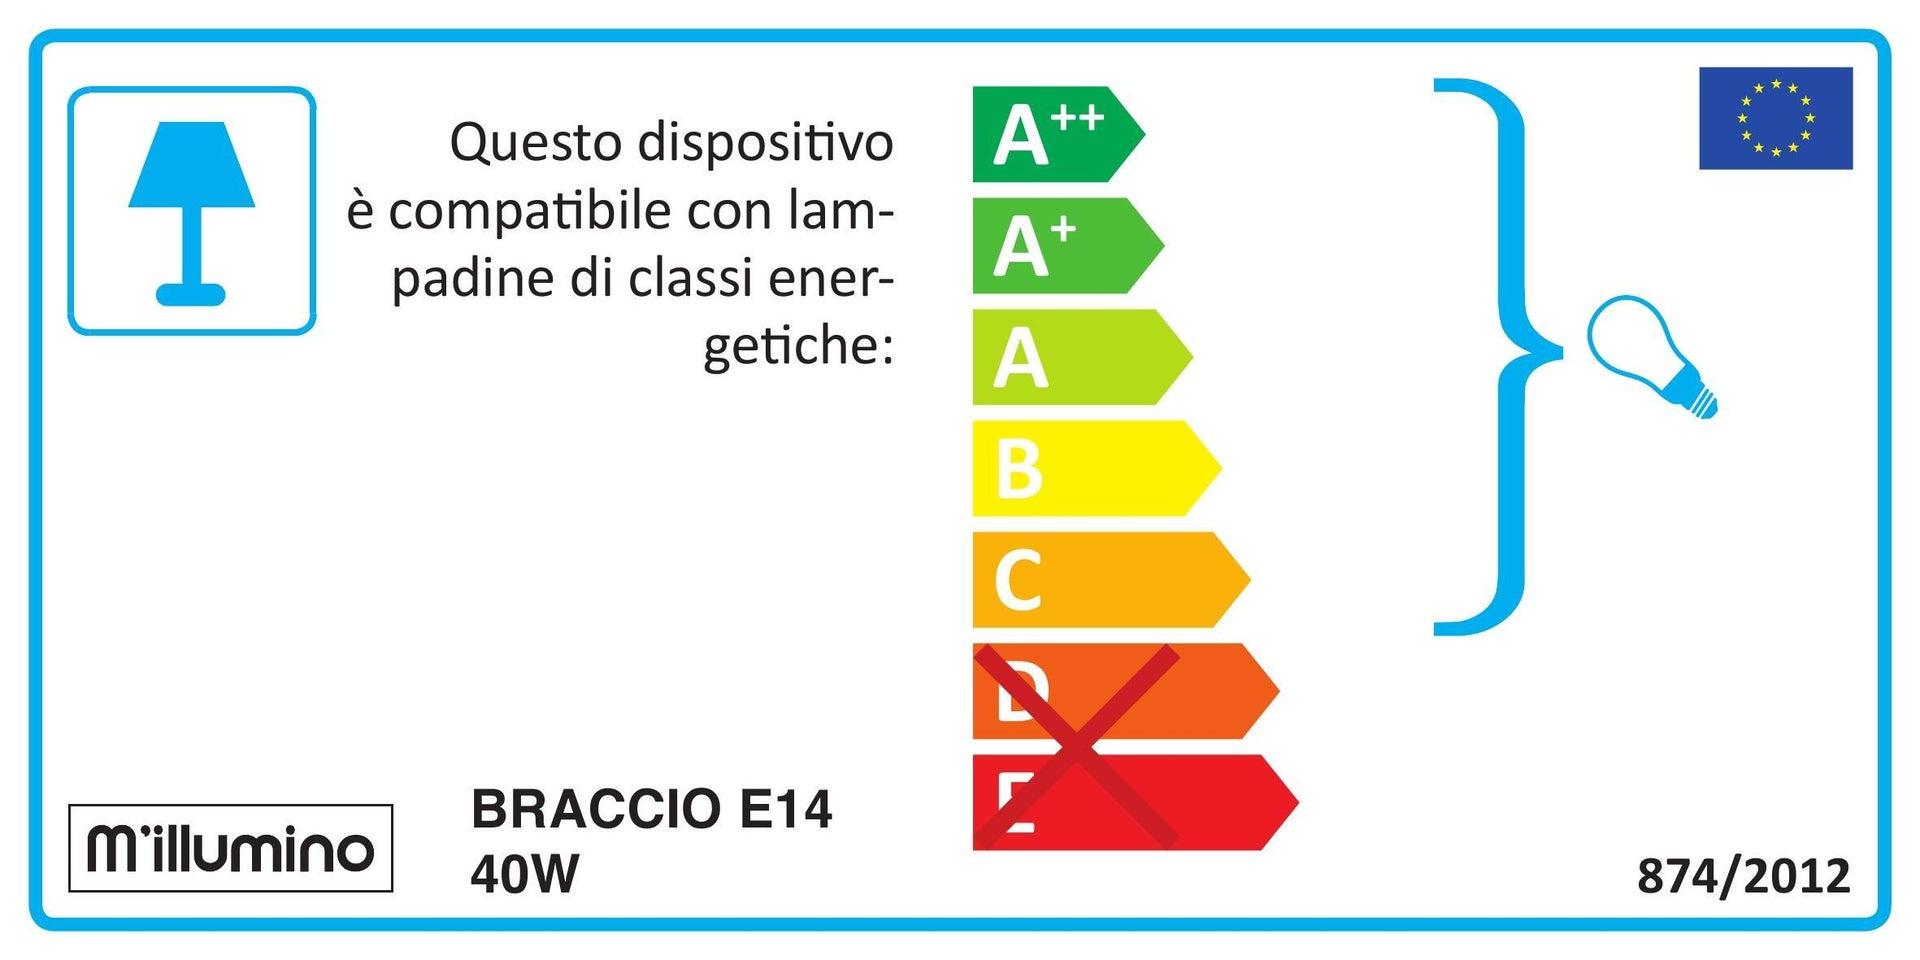 Faretto a muro Braccio bronzo, in alluminio, E14 40W IP23 - 2